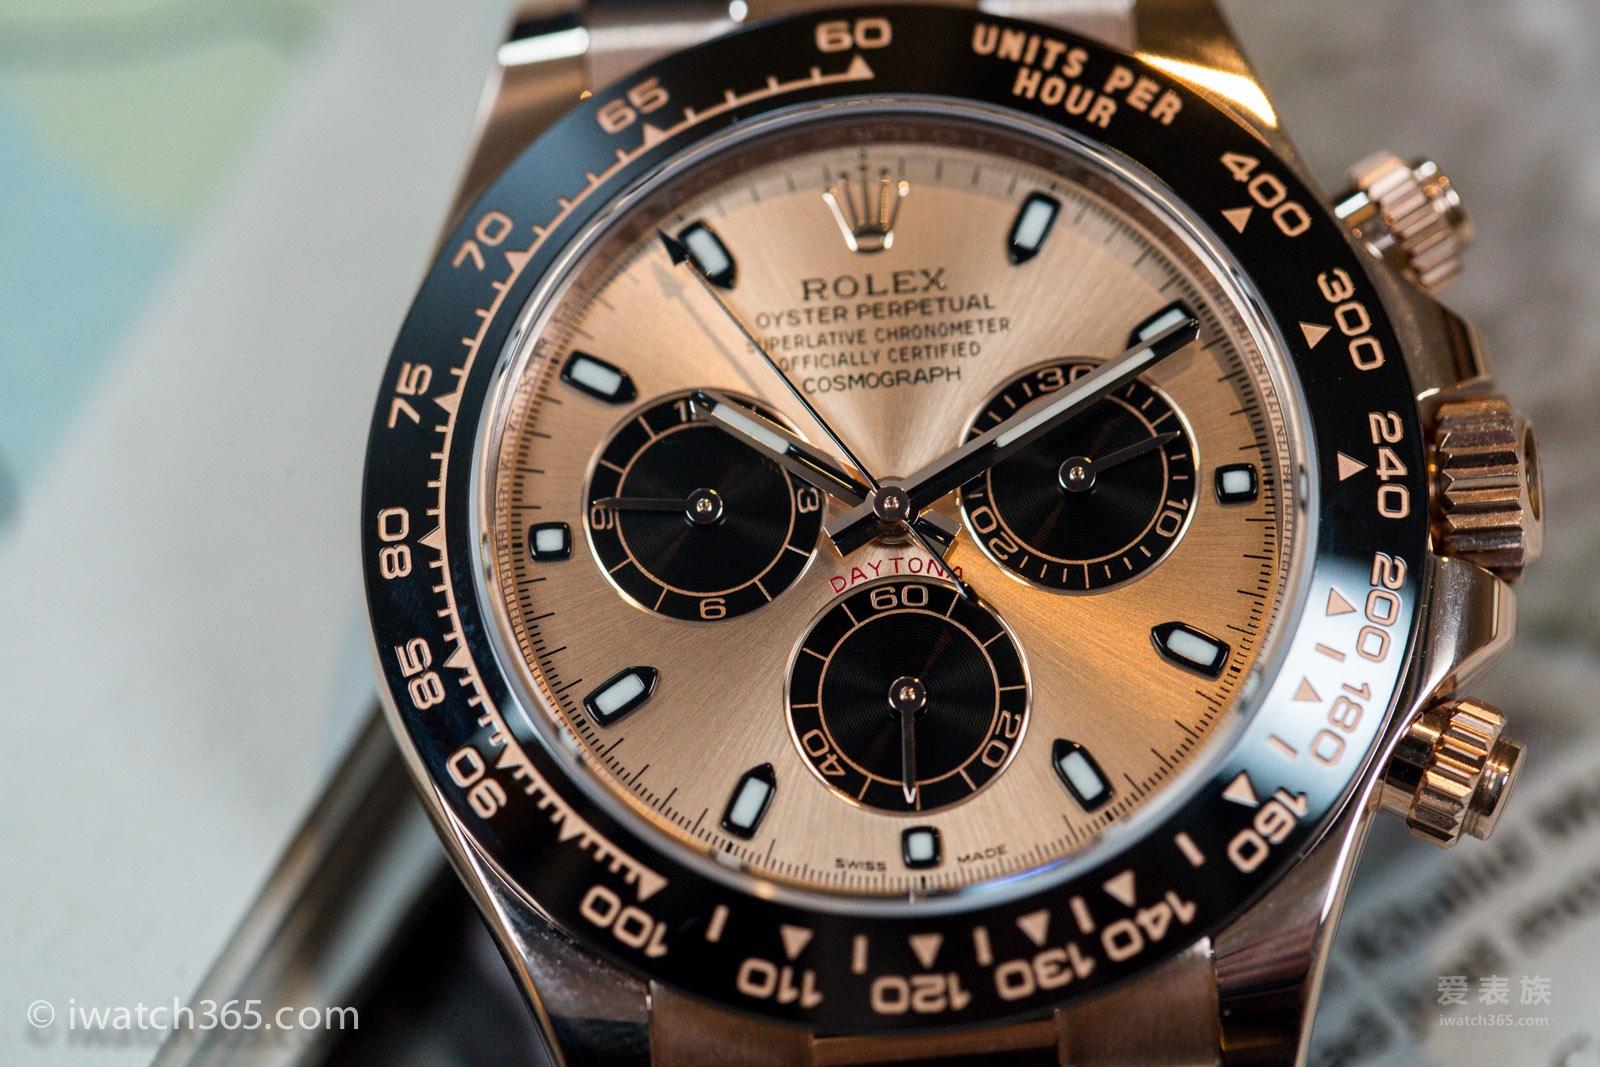 劳力士宇宙计型迪通拿系列116515ln-0013计时腕表